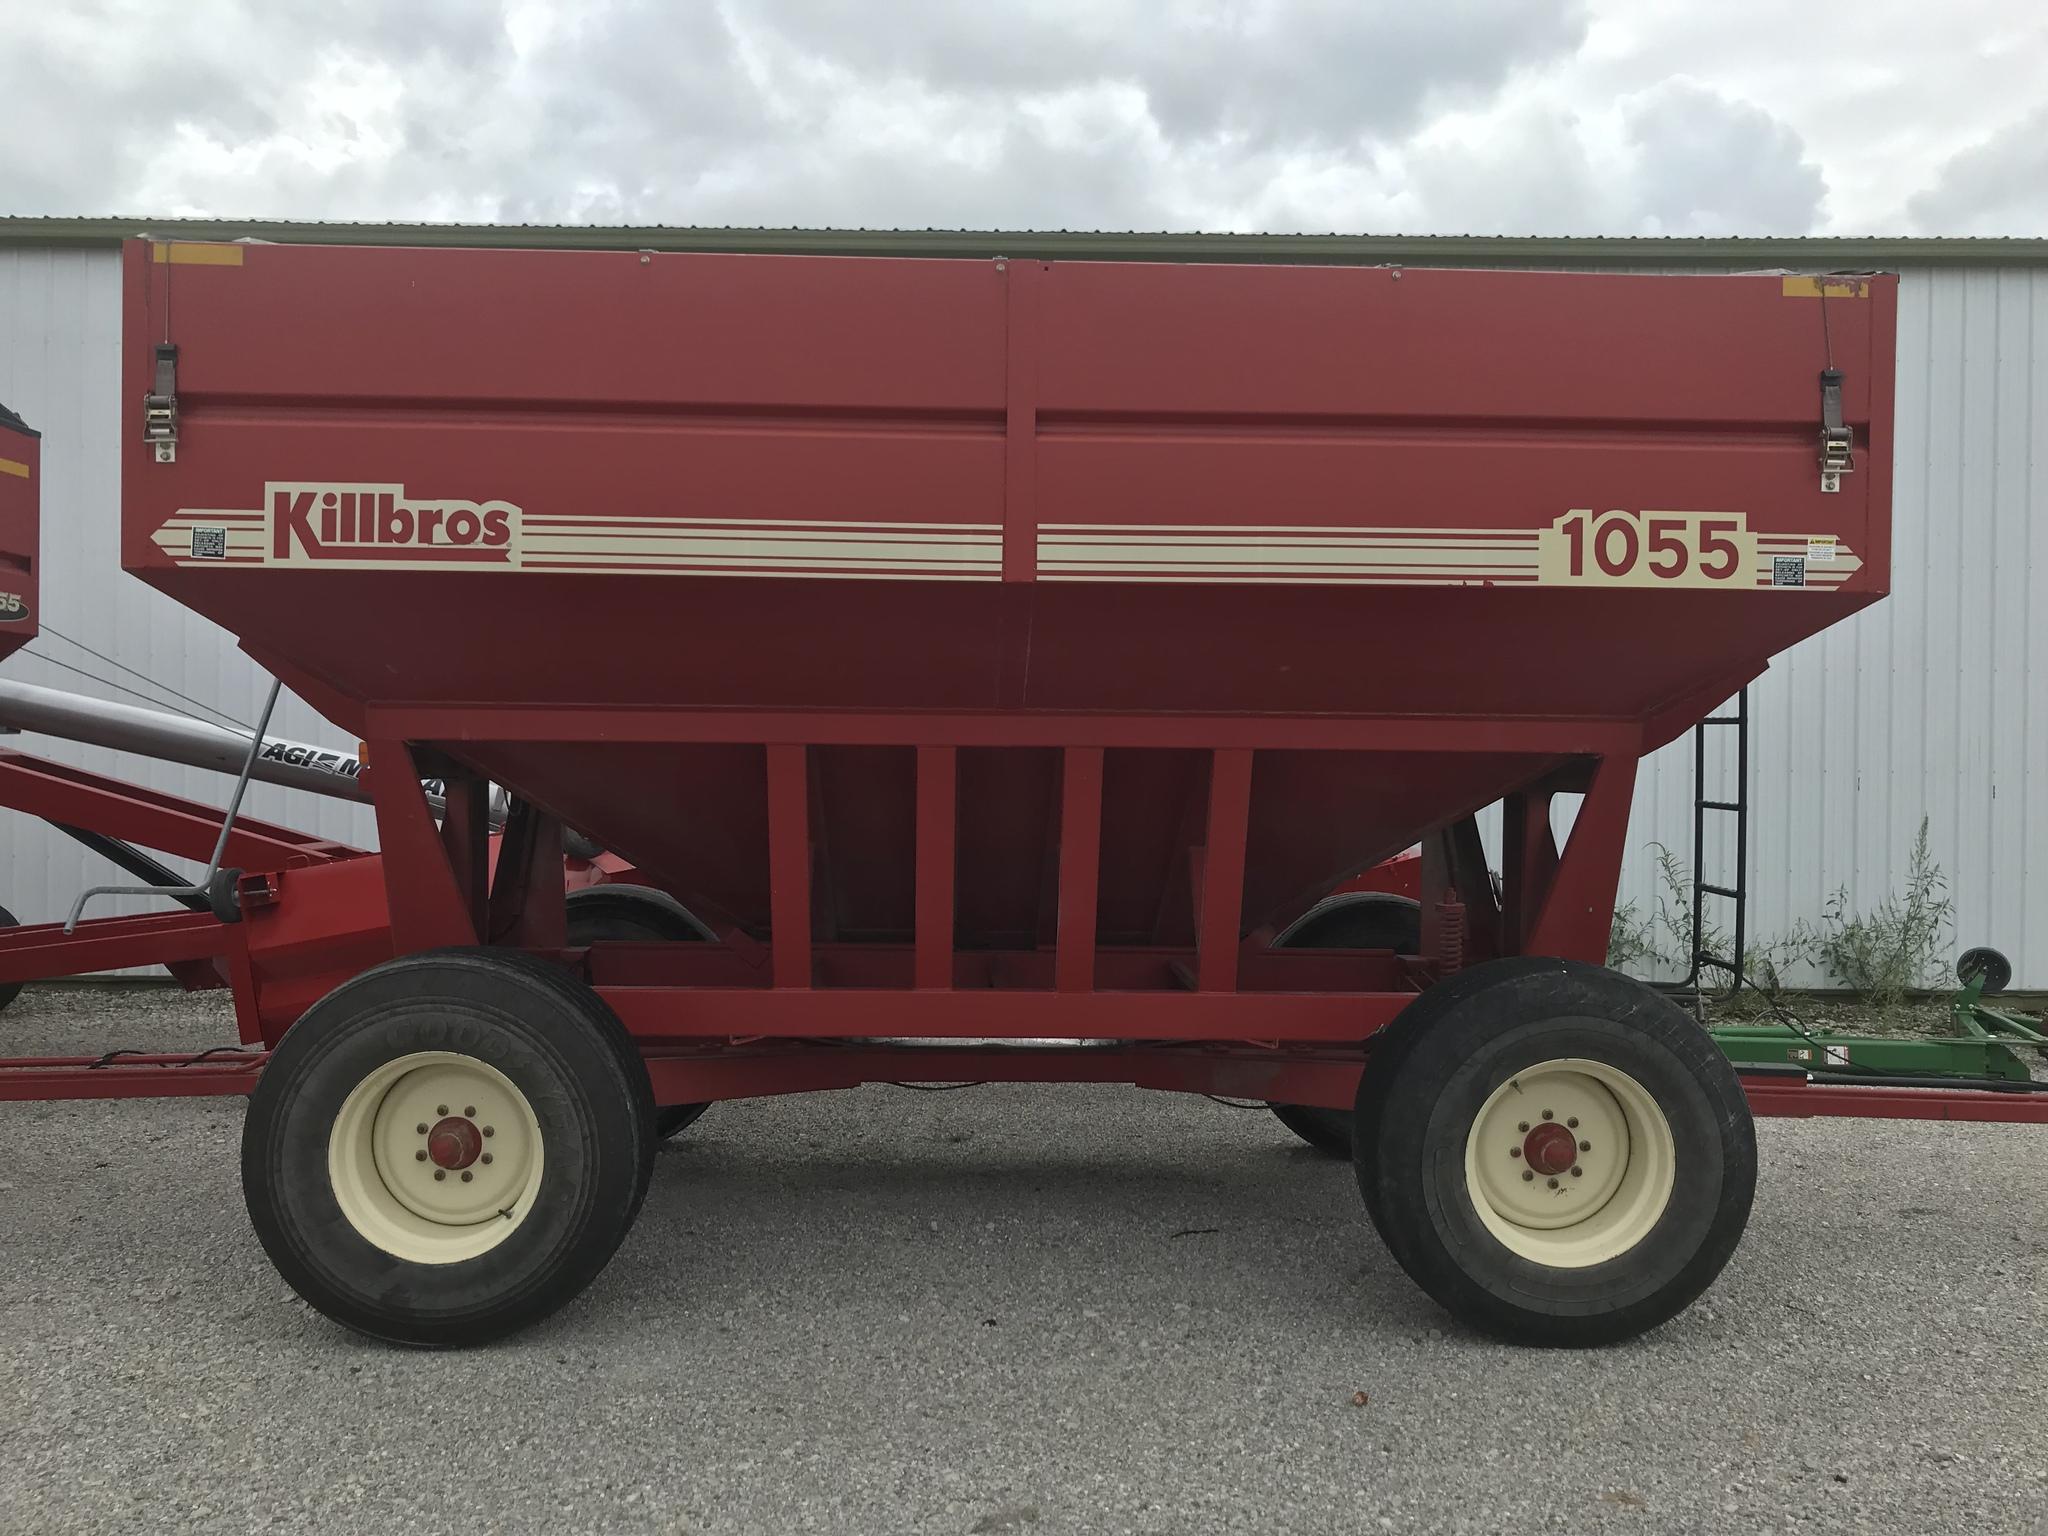 2010 Killbros 1055